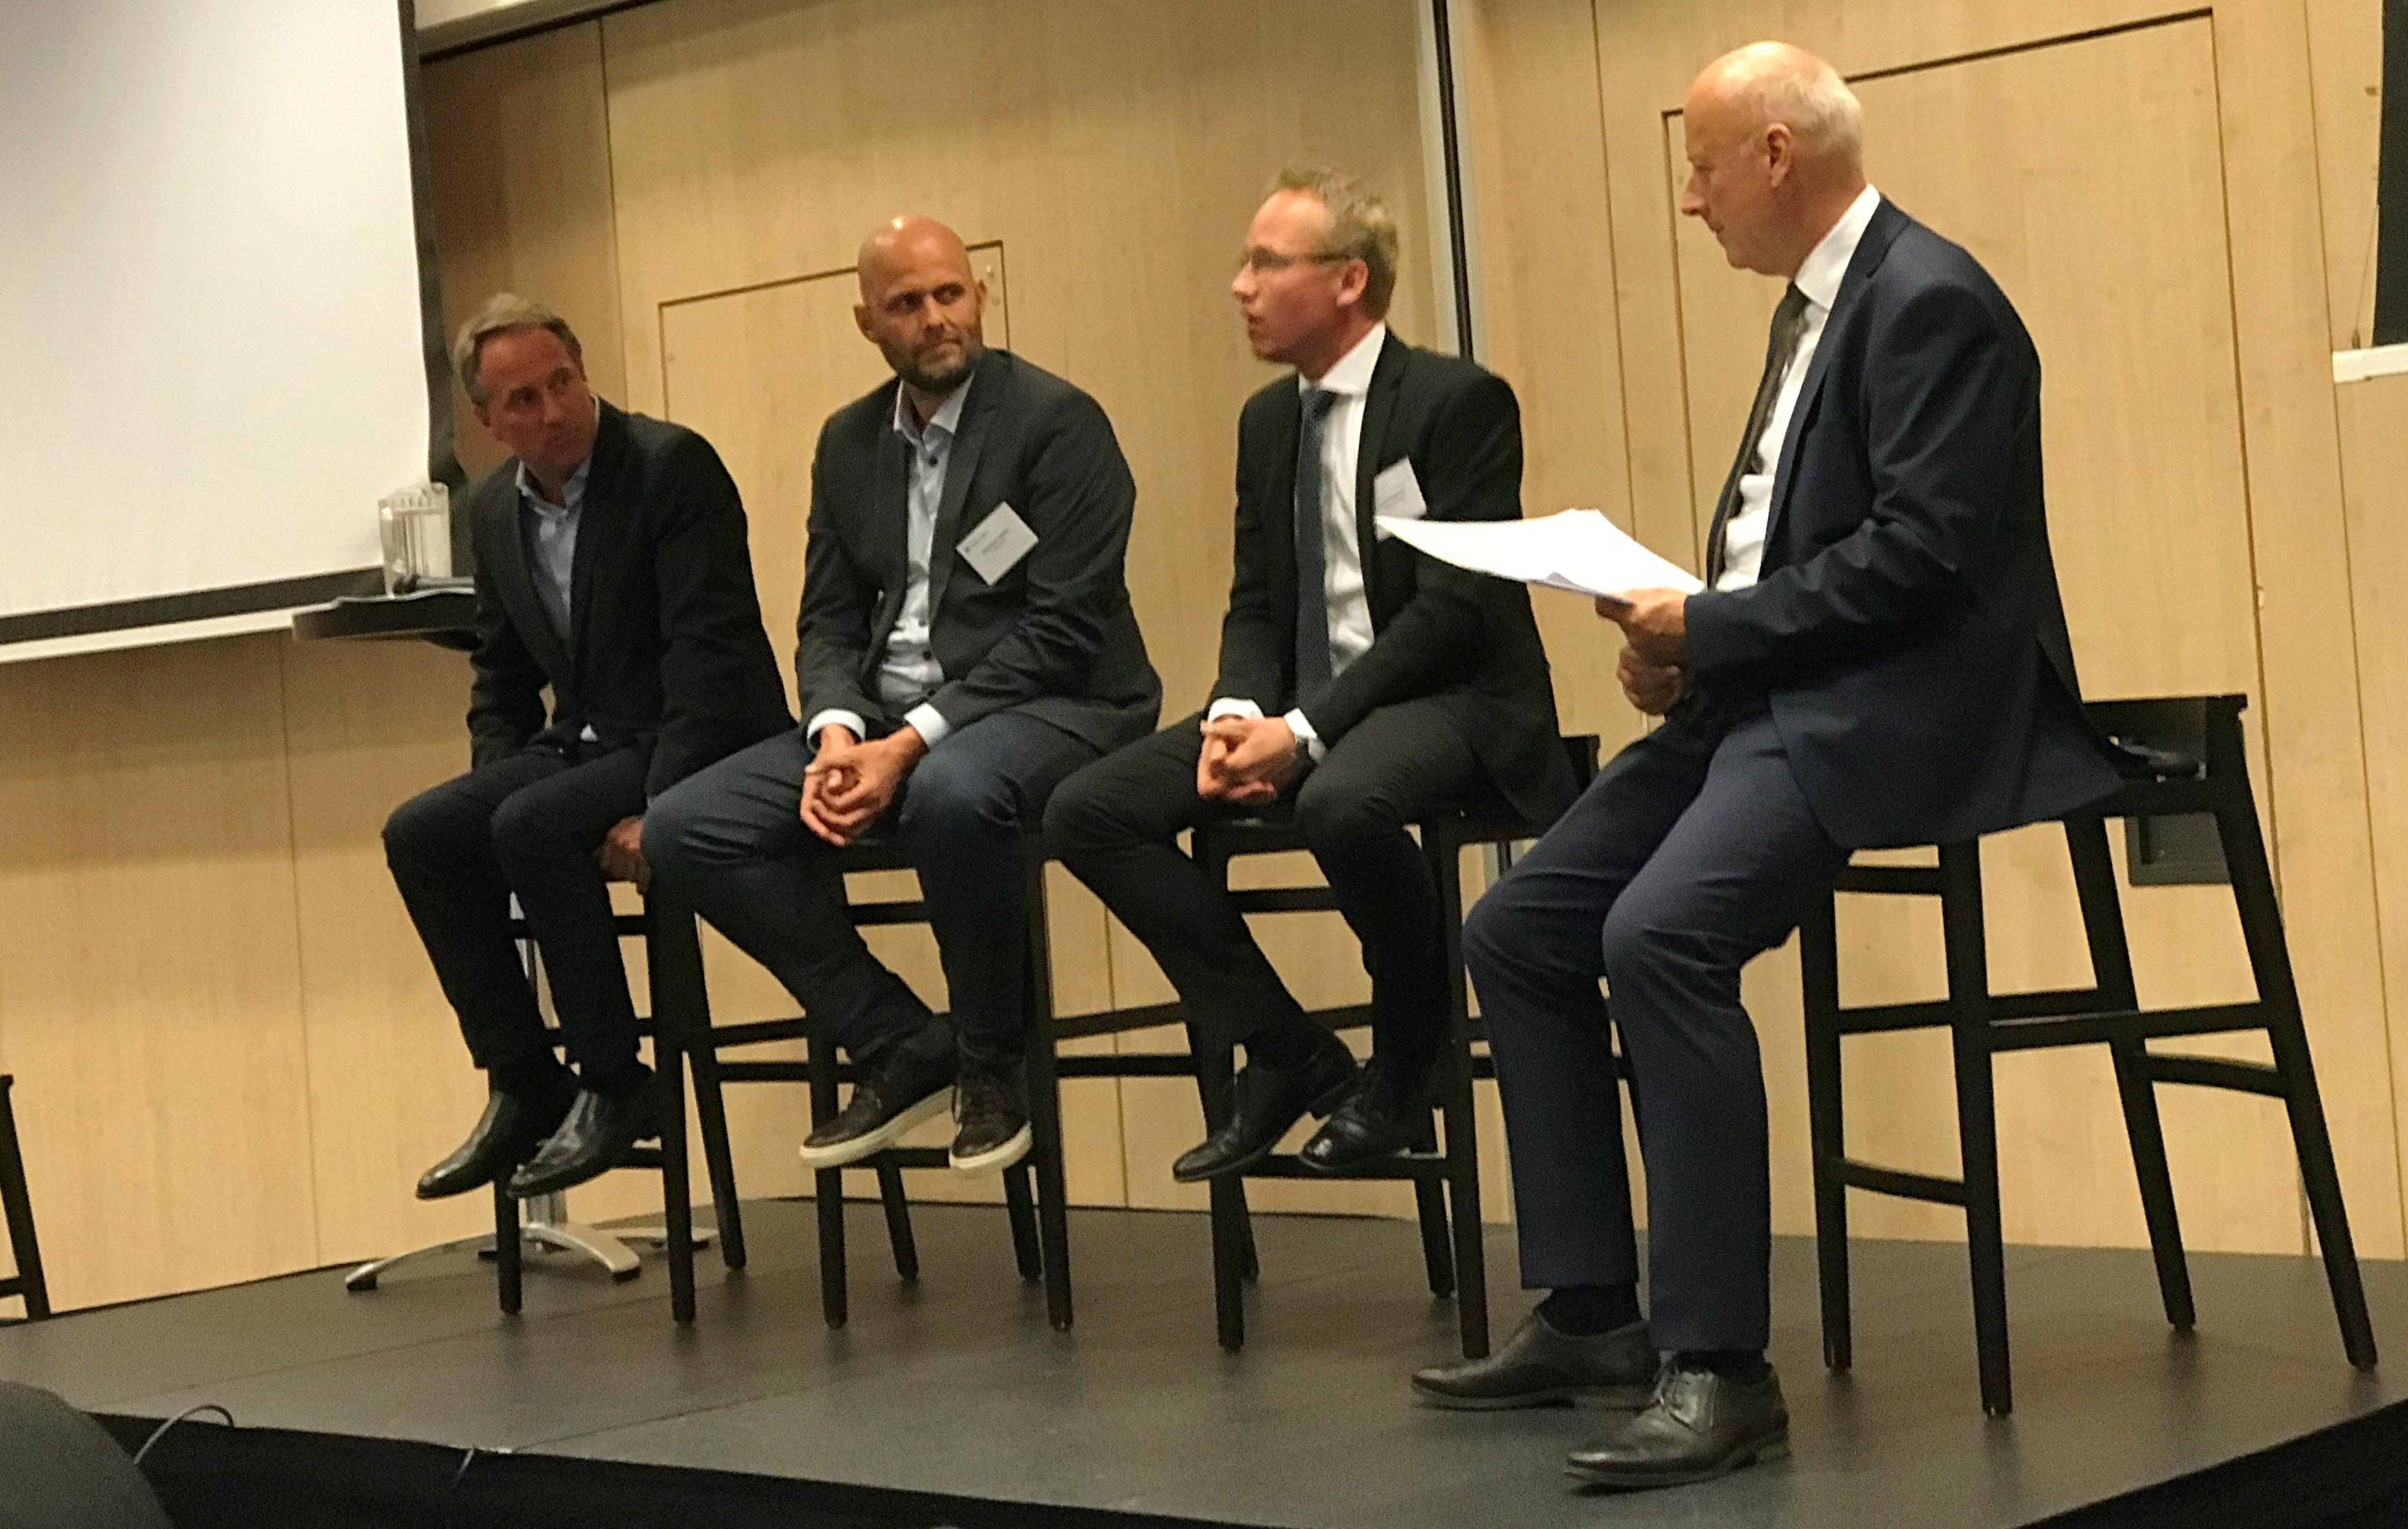 Fra paneldebatten ved årsmødet i BDL. Fra venstre Lars Sandahl Sørensen (SAS), Christian Ibsen (Concito), Jacob Pedersen (Sydbank) og Michael Svane (BDL). (Foto: Ole Kirchert Christensen)